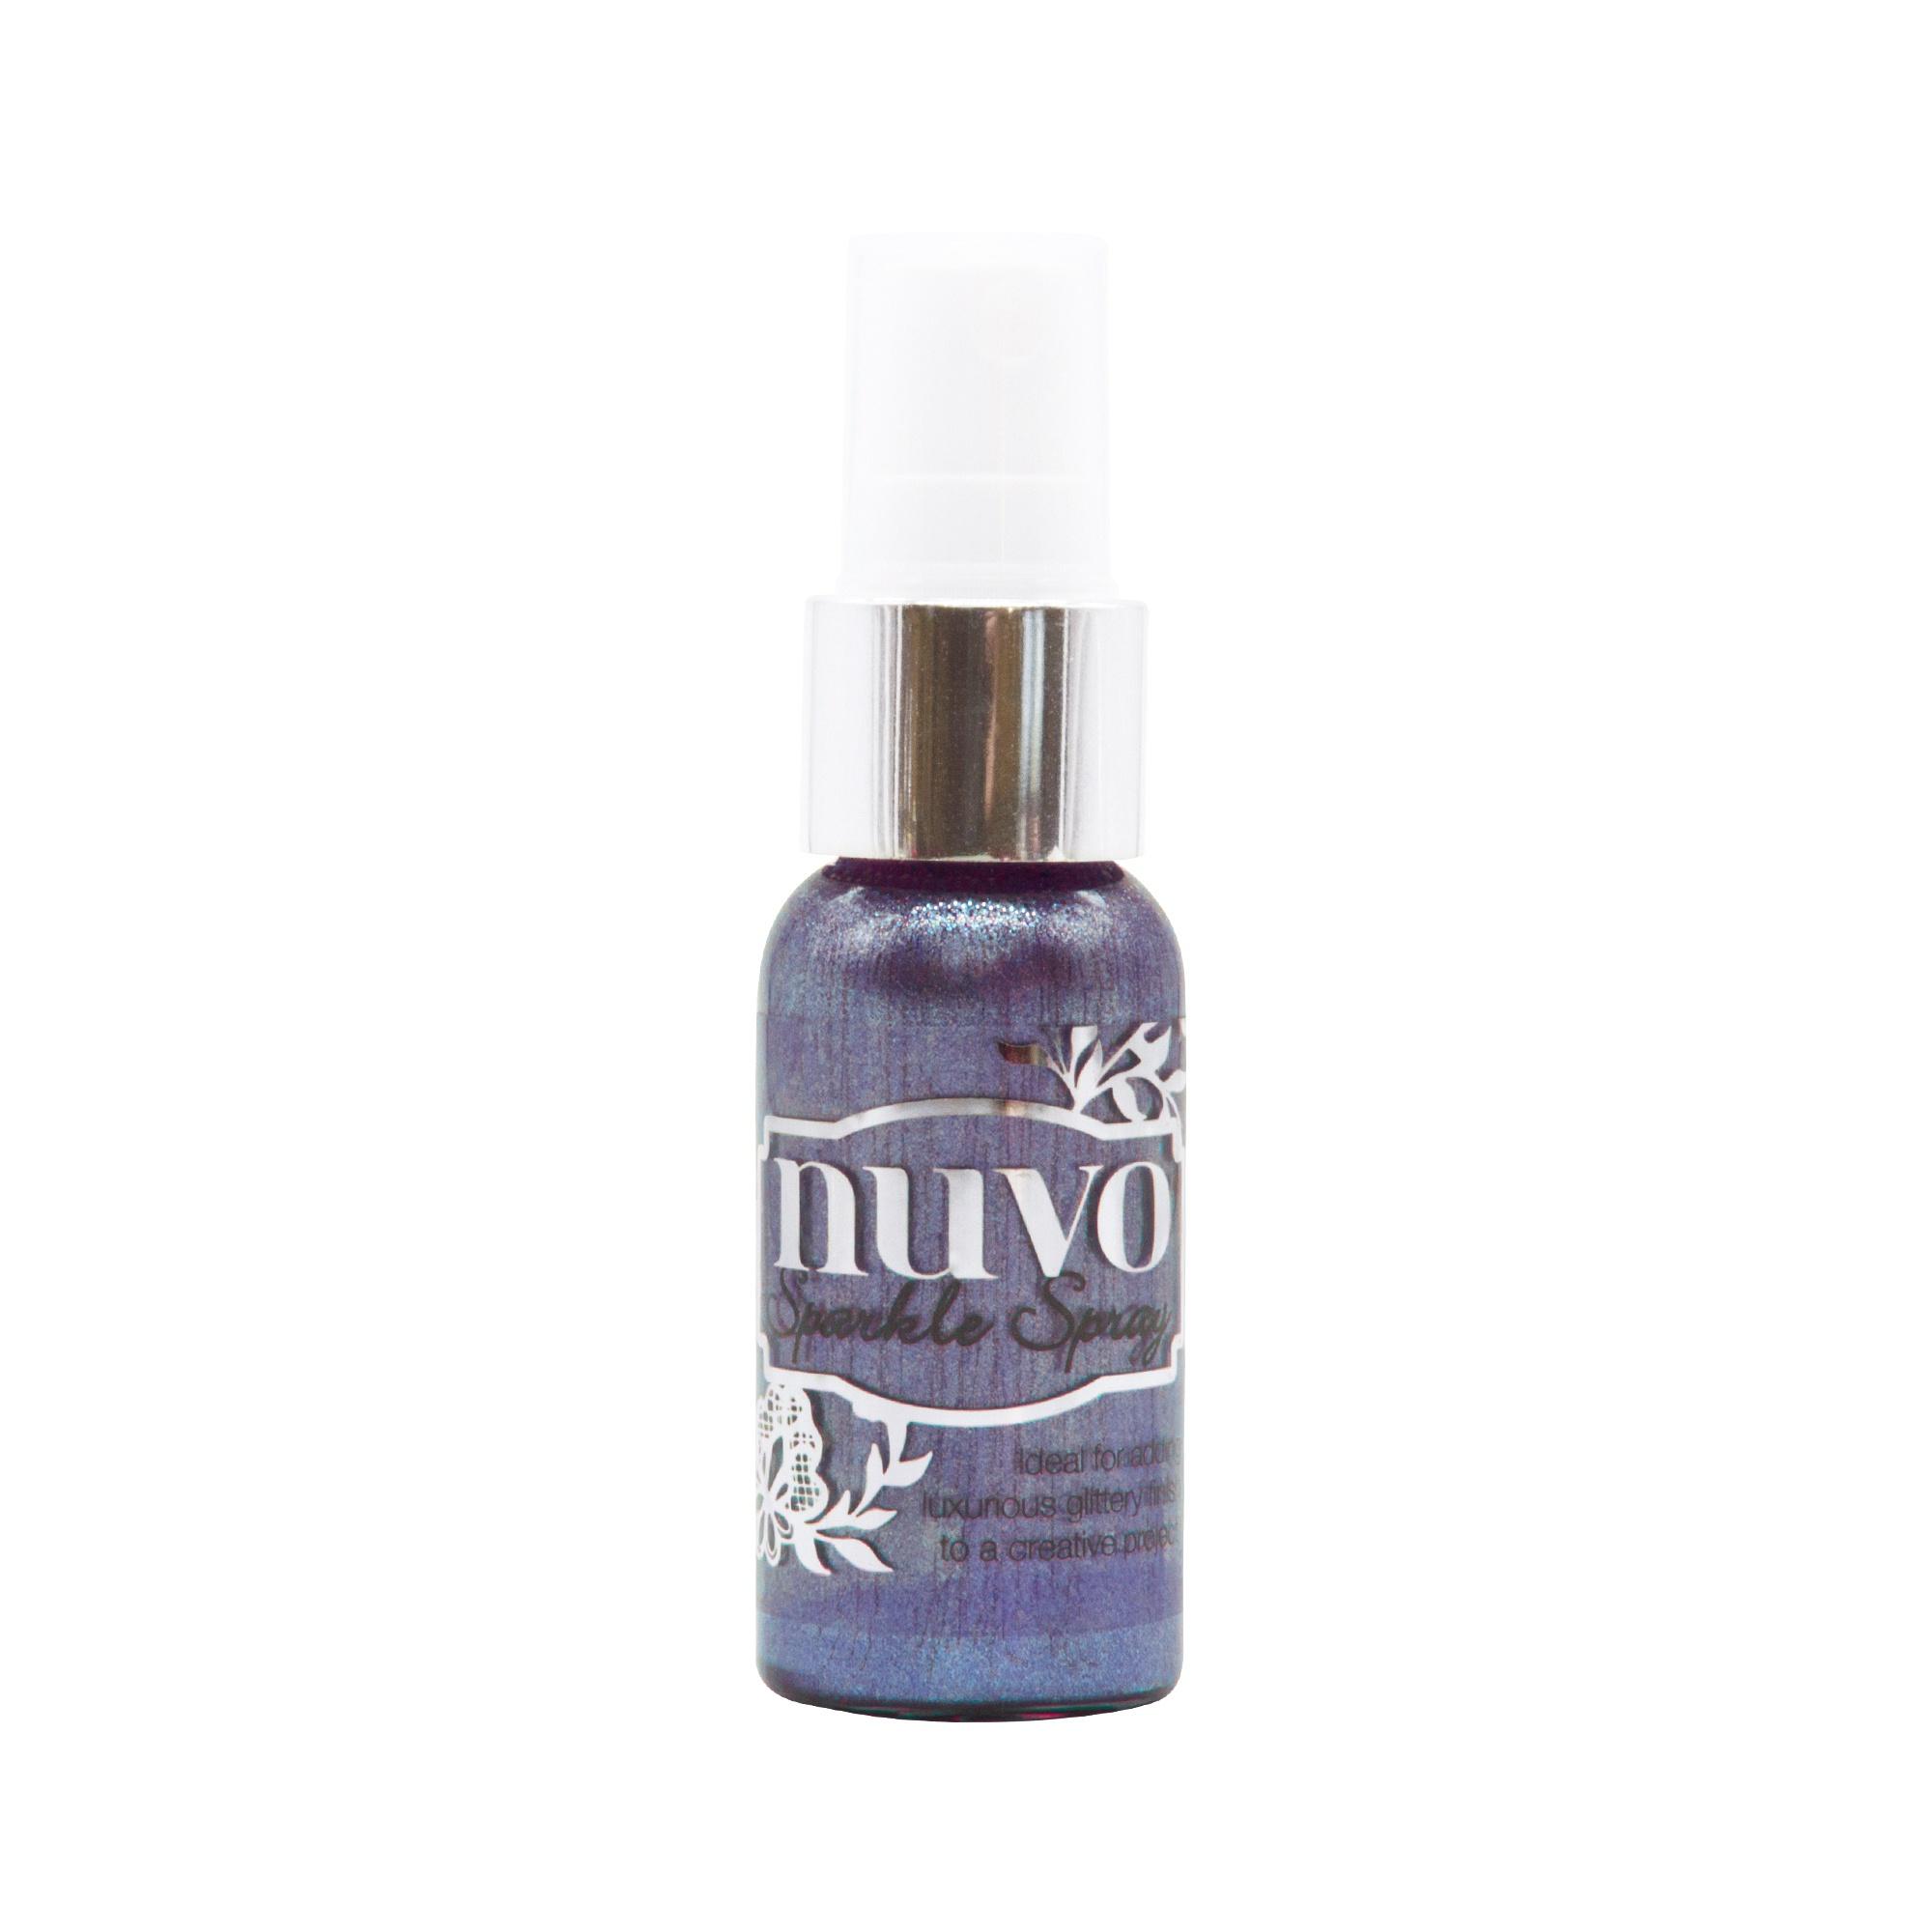 Nuvo Sparkle Spray-Lavender Lining